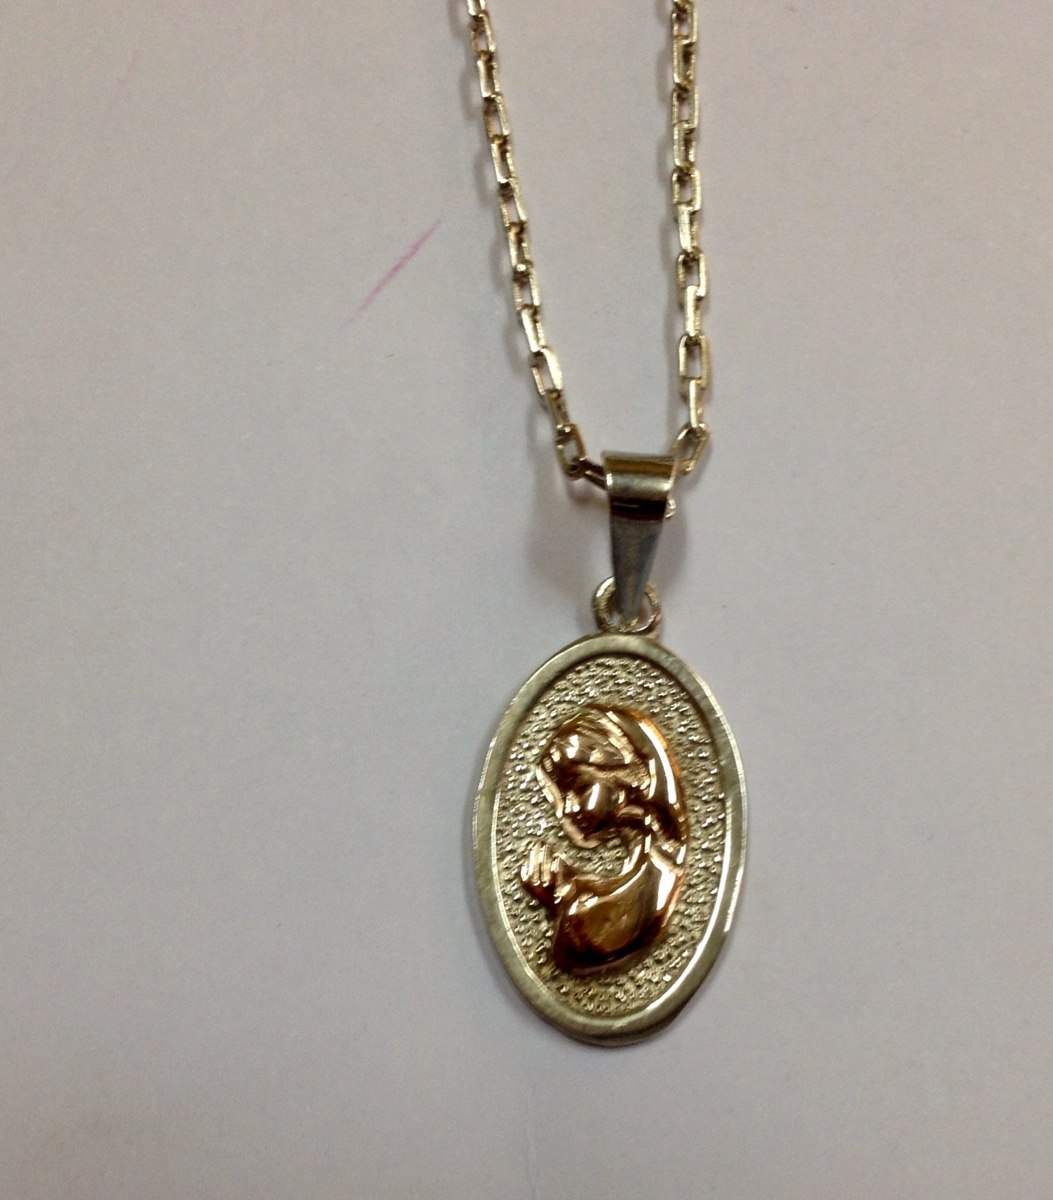 e3a388334025 Conjunto Cadena De Plata Fina Medalla Virgen Niña Plata Oro ...